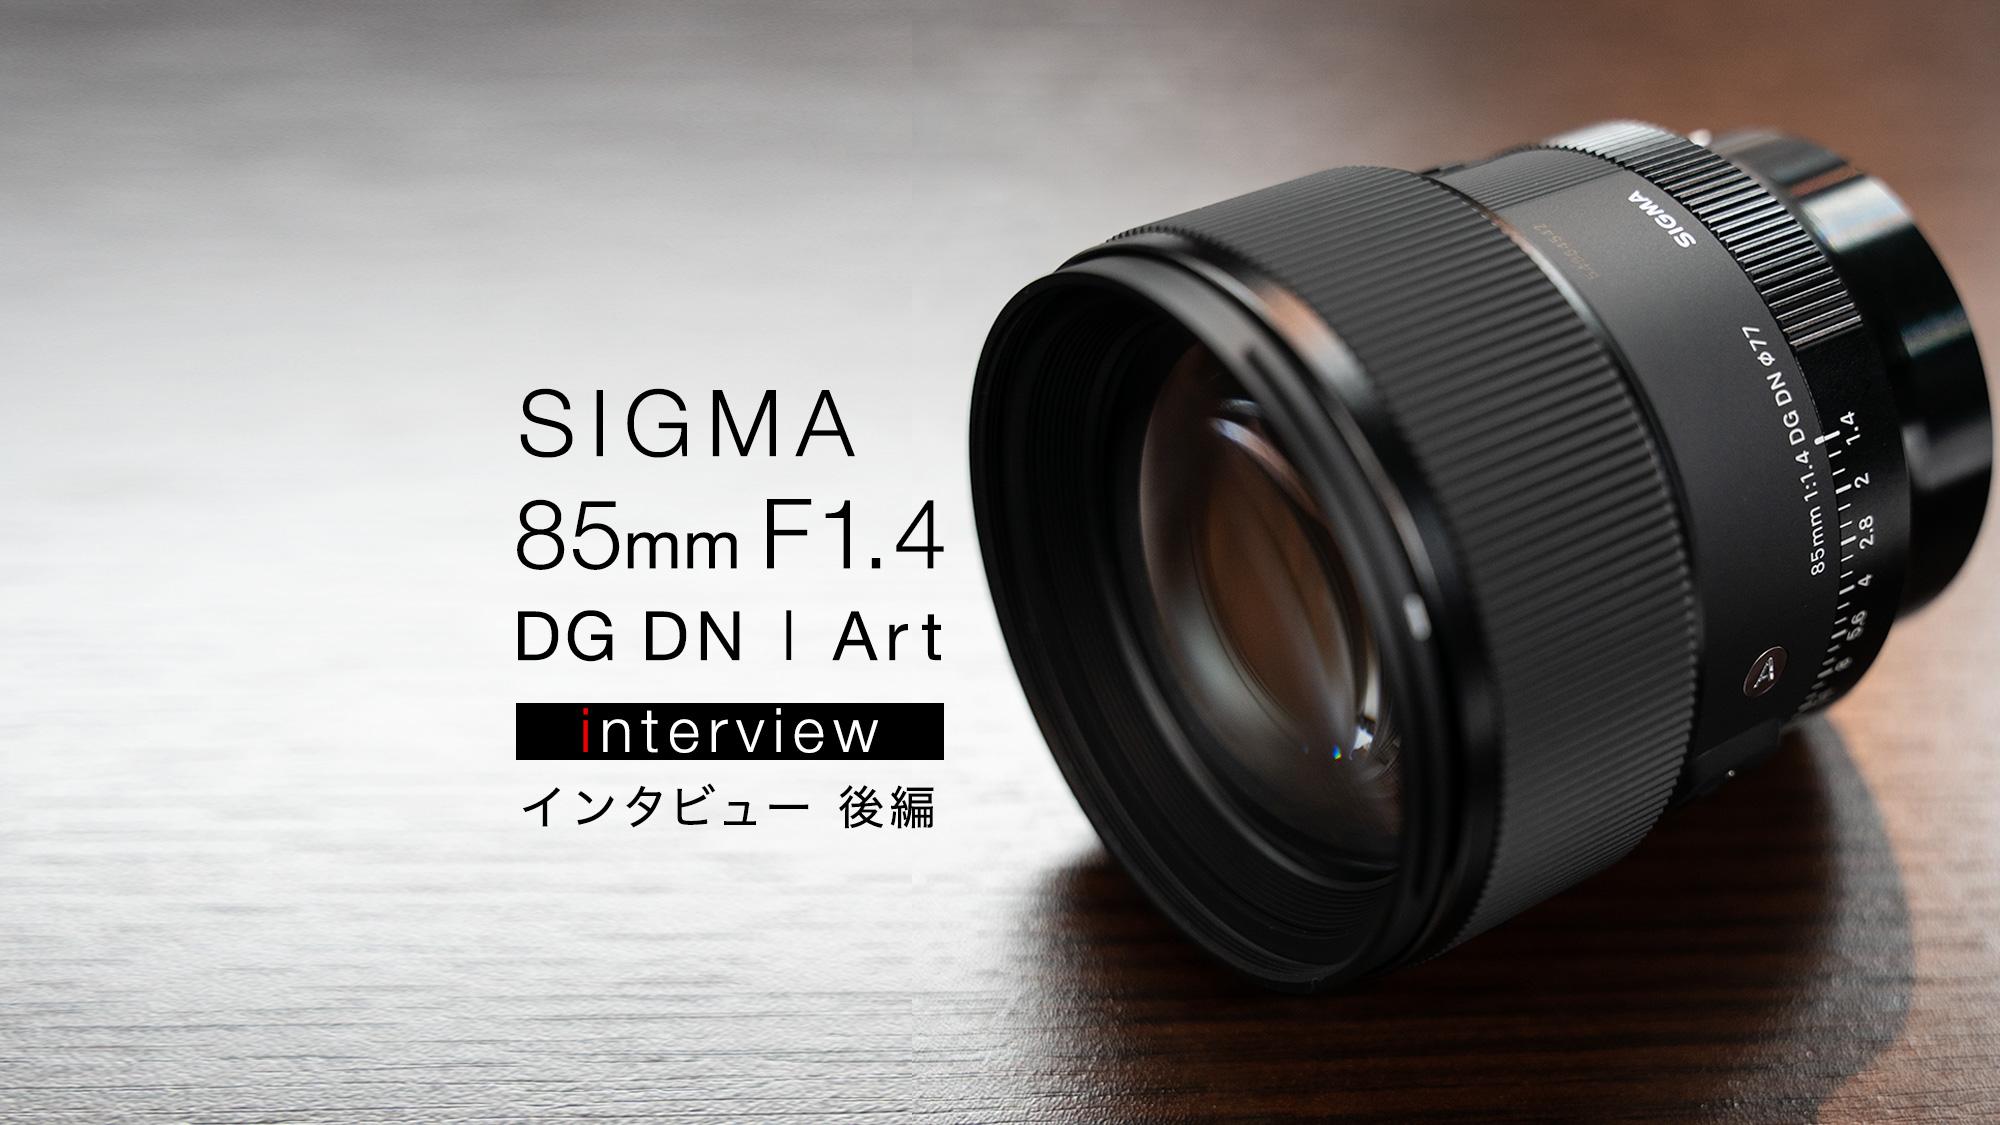 【インタビュー】SIGMA 85mm F1.4 DG DN | Art 後編